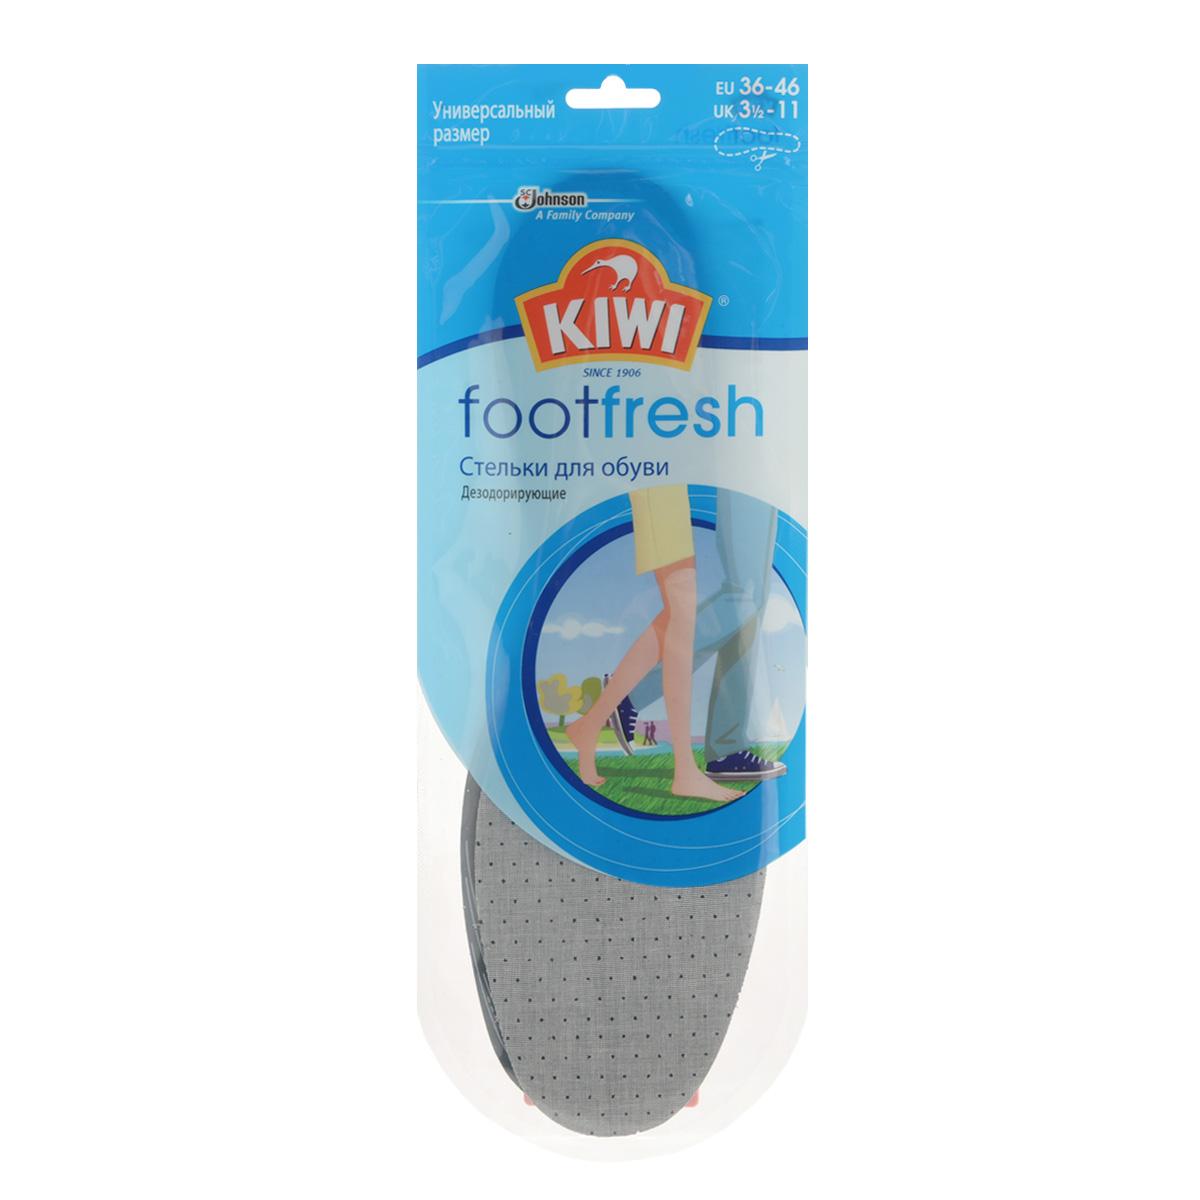 Стельки дезодорирующие Kiwi FootFresh, с активированным углемMW-3101Стельки для обуви Kiwi FootFresh сохраняют свежесть ваших ног. Специальный слой с активированным углем обеспечивает защиту от неприятного запаха. Дышащий верхний слой создает ощущение комфорта для ваших ног.Размер универсальный: 36-46.